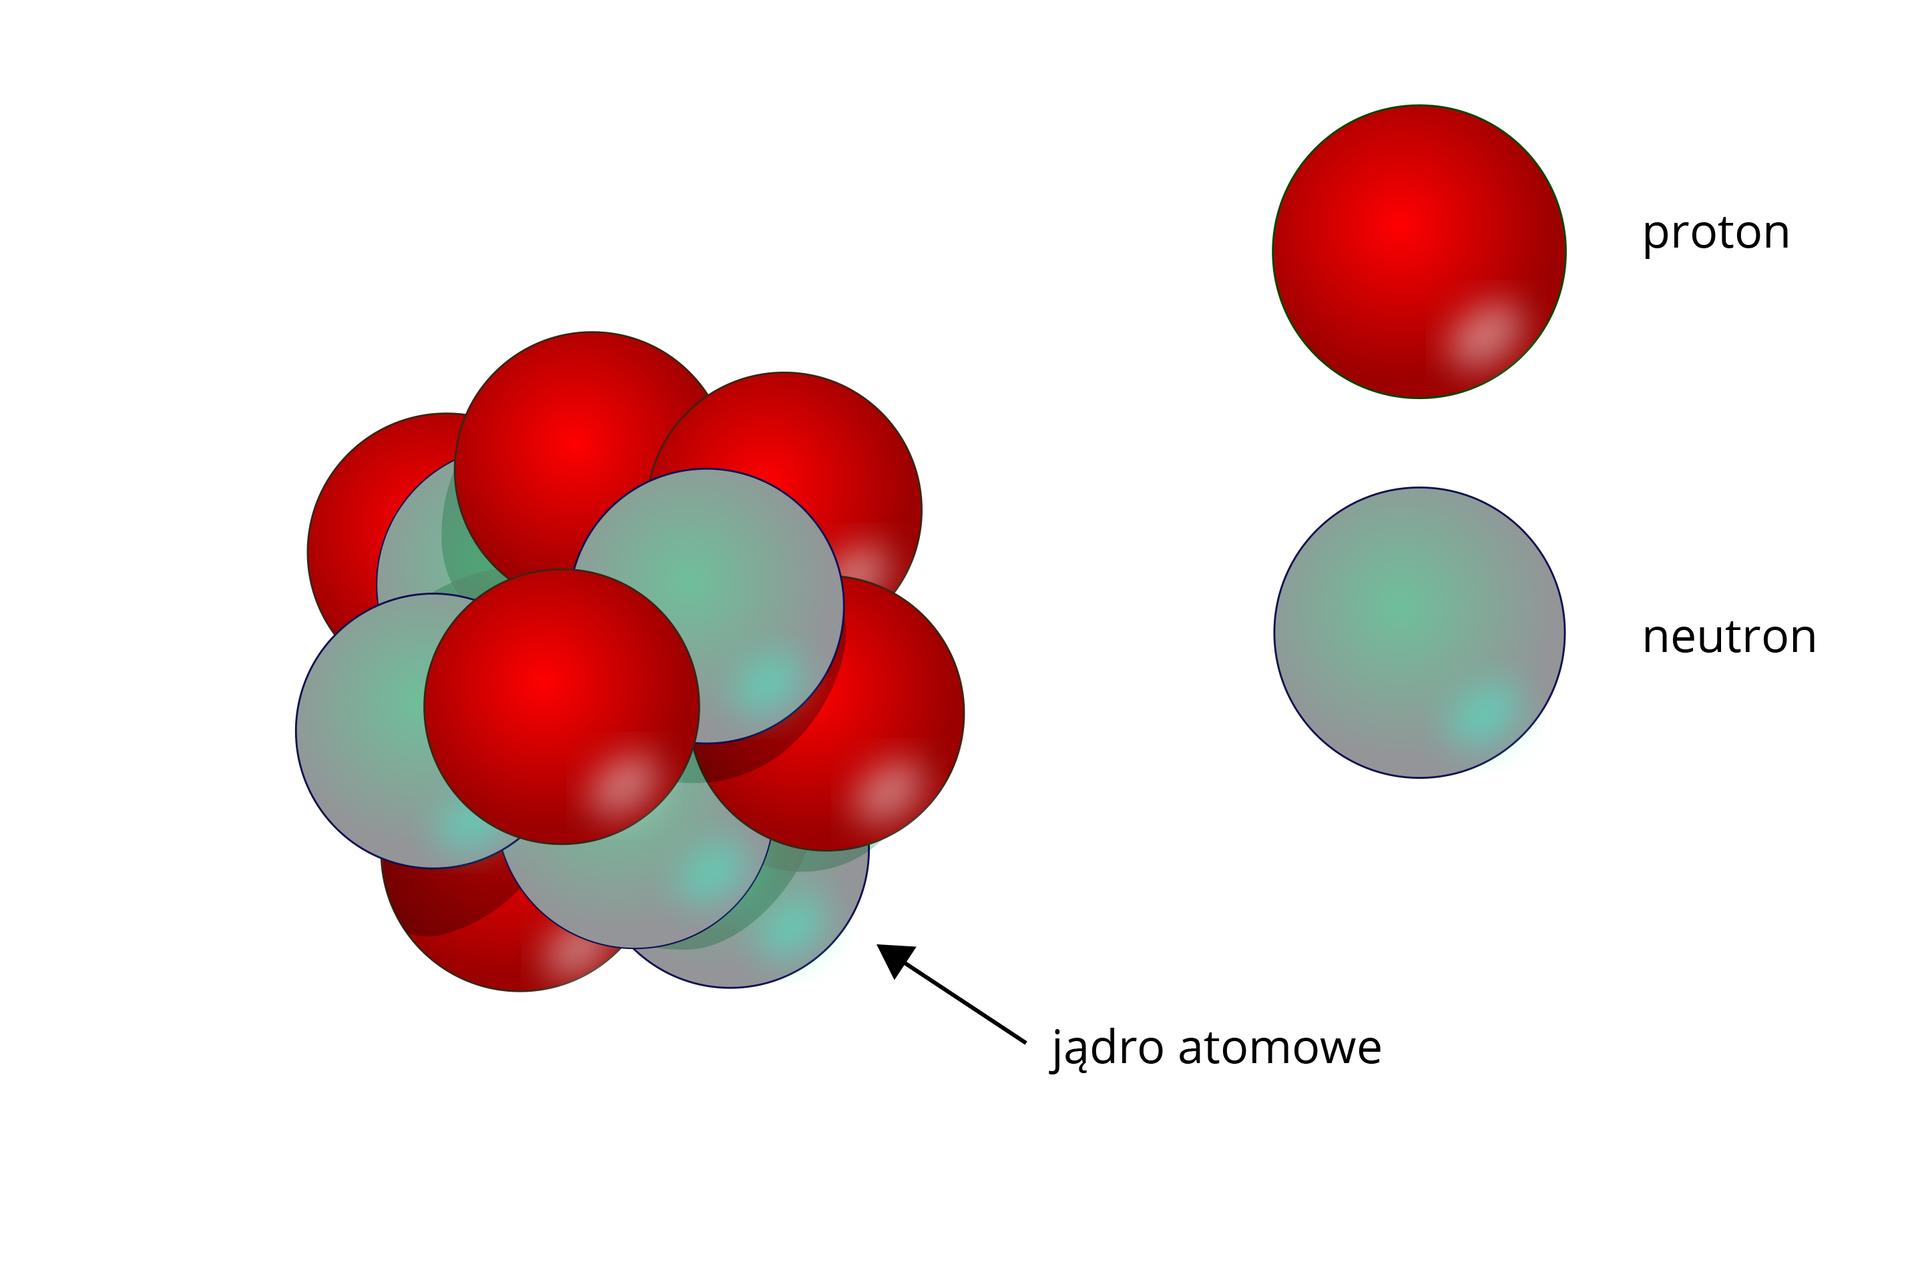 Schemat przedstawiający budowę jądra atomowego